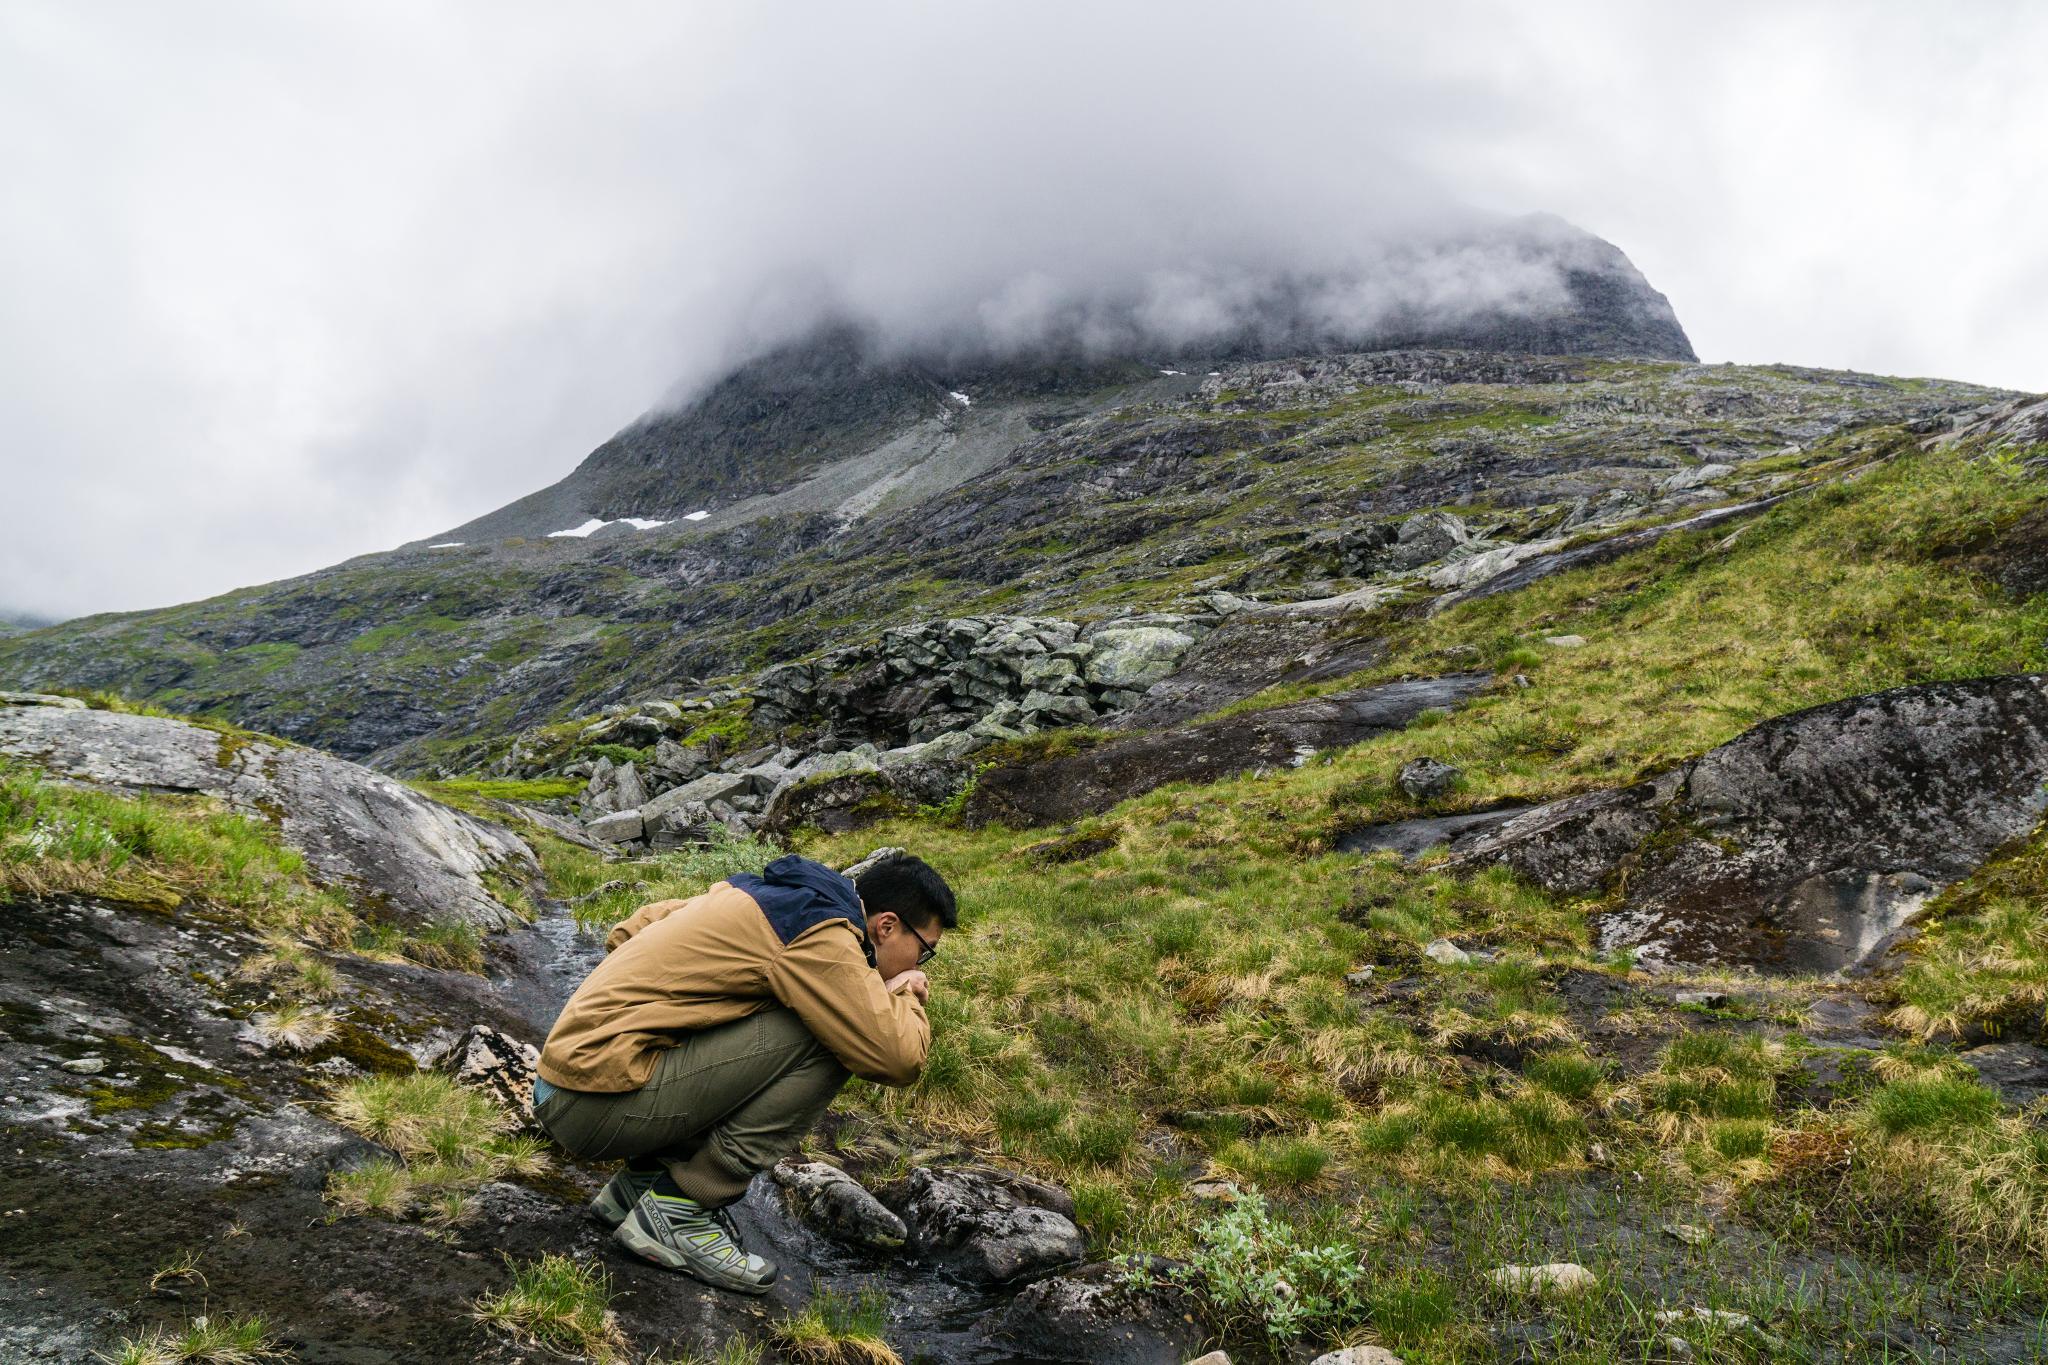 【北歐景點】Trollstigen 精靈之路 ∣ 挪威最驚險的世界級景觀公路 21